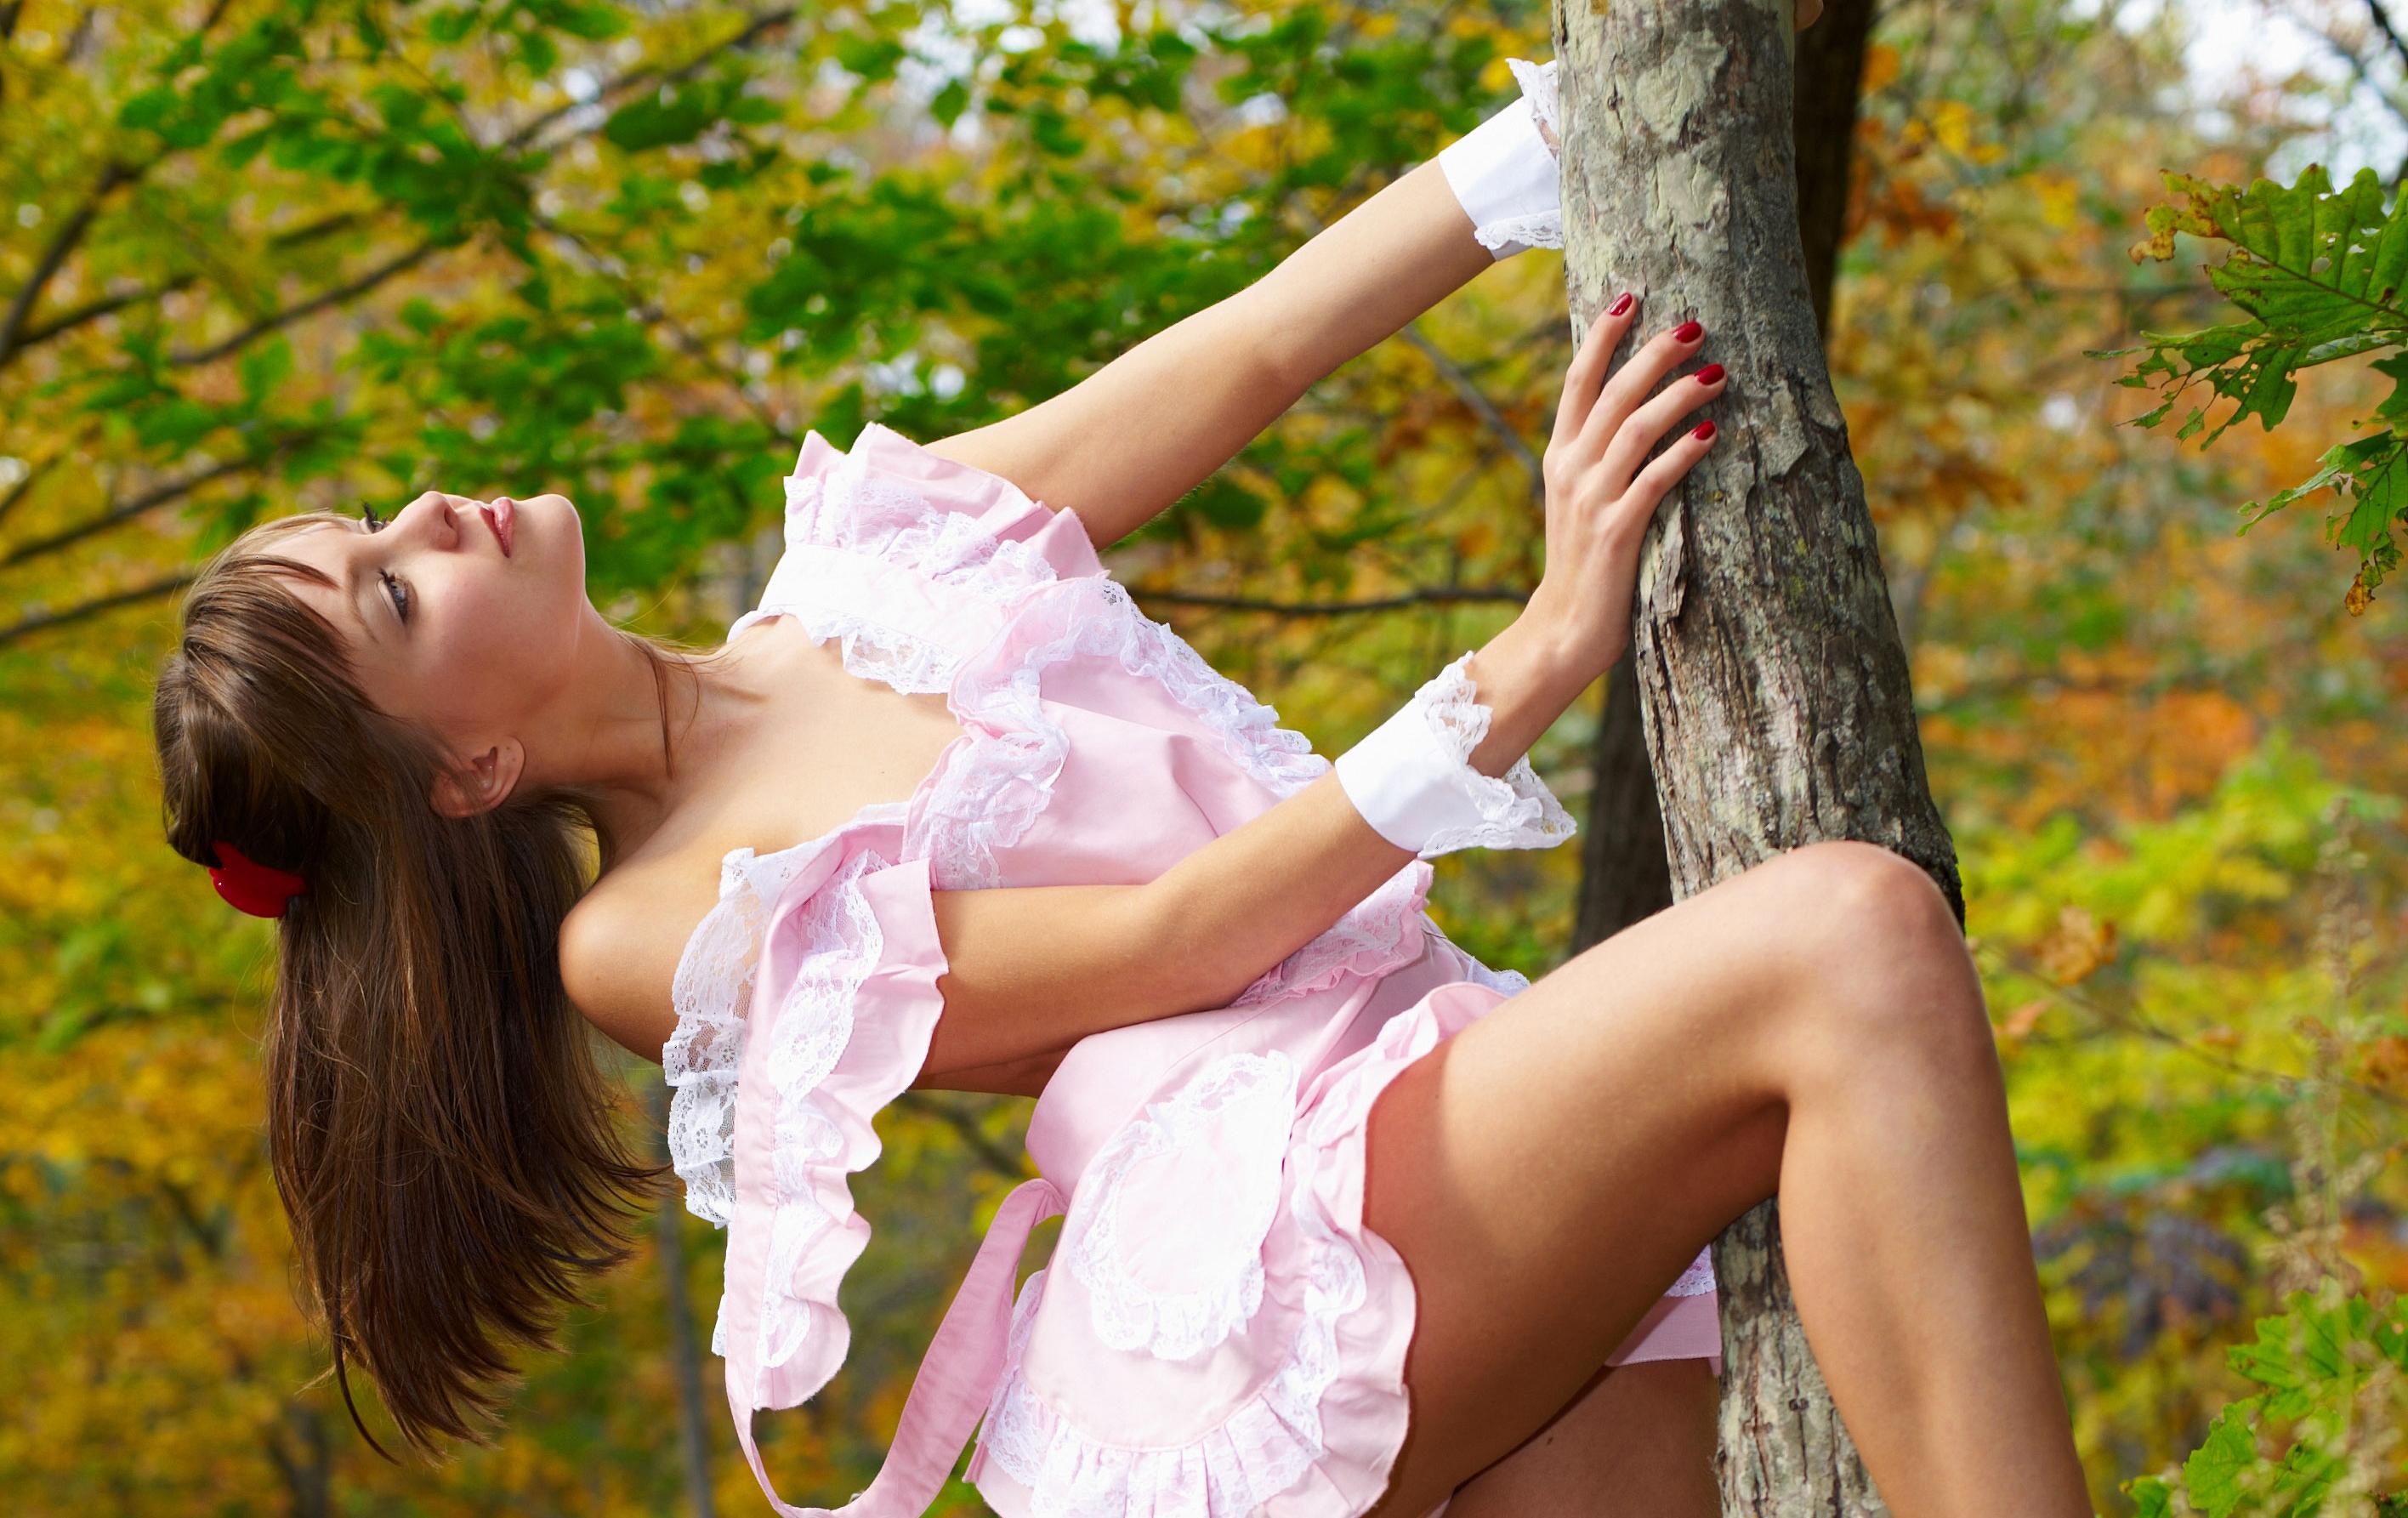 Молодая на природе оголила свое тело  81227